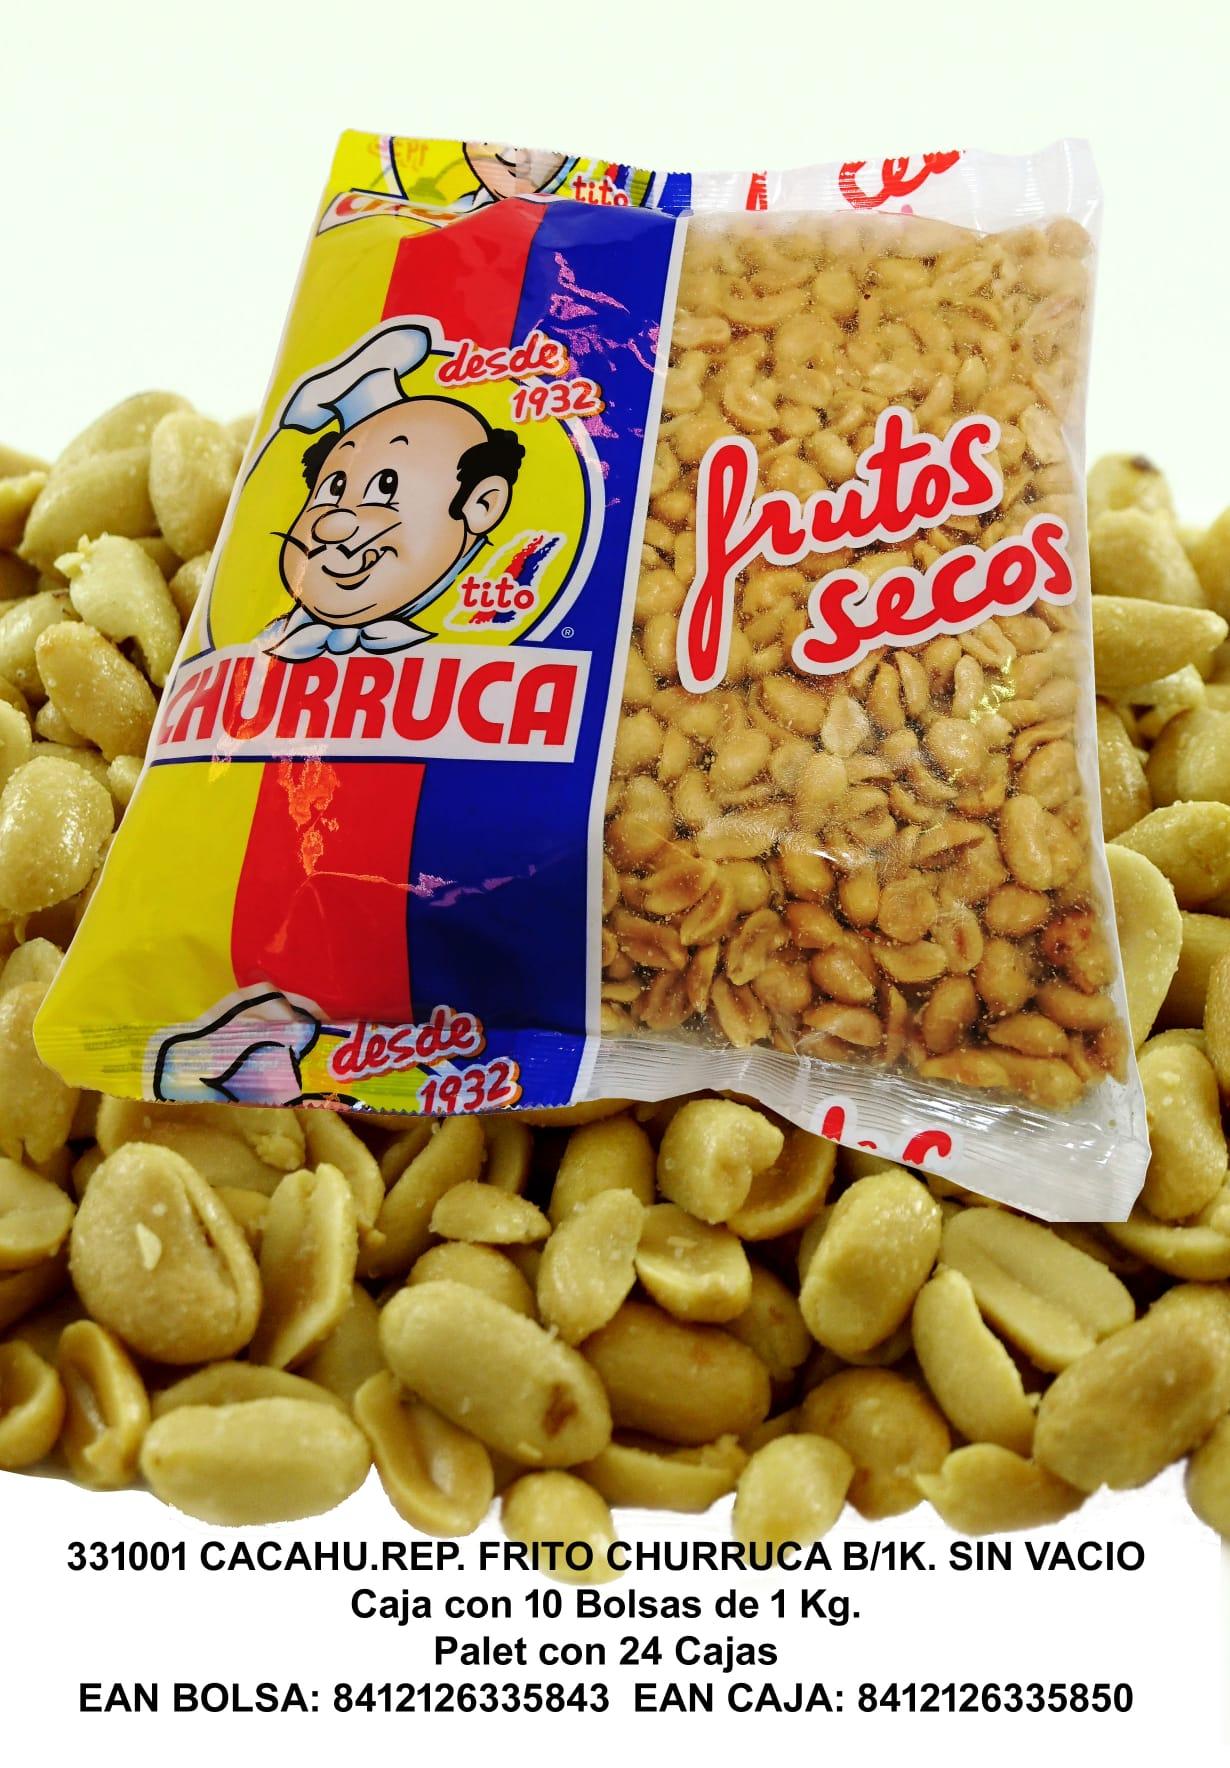 Distribuidor para hostelería Tierra de Barros Aceuchal Luis Prieto